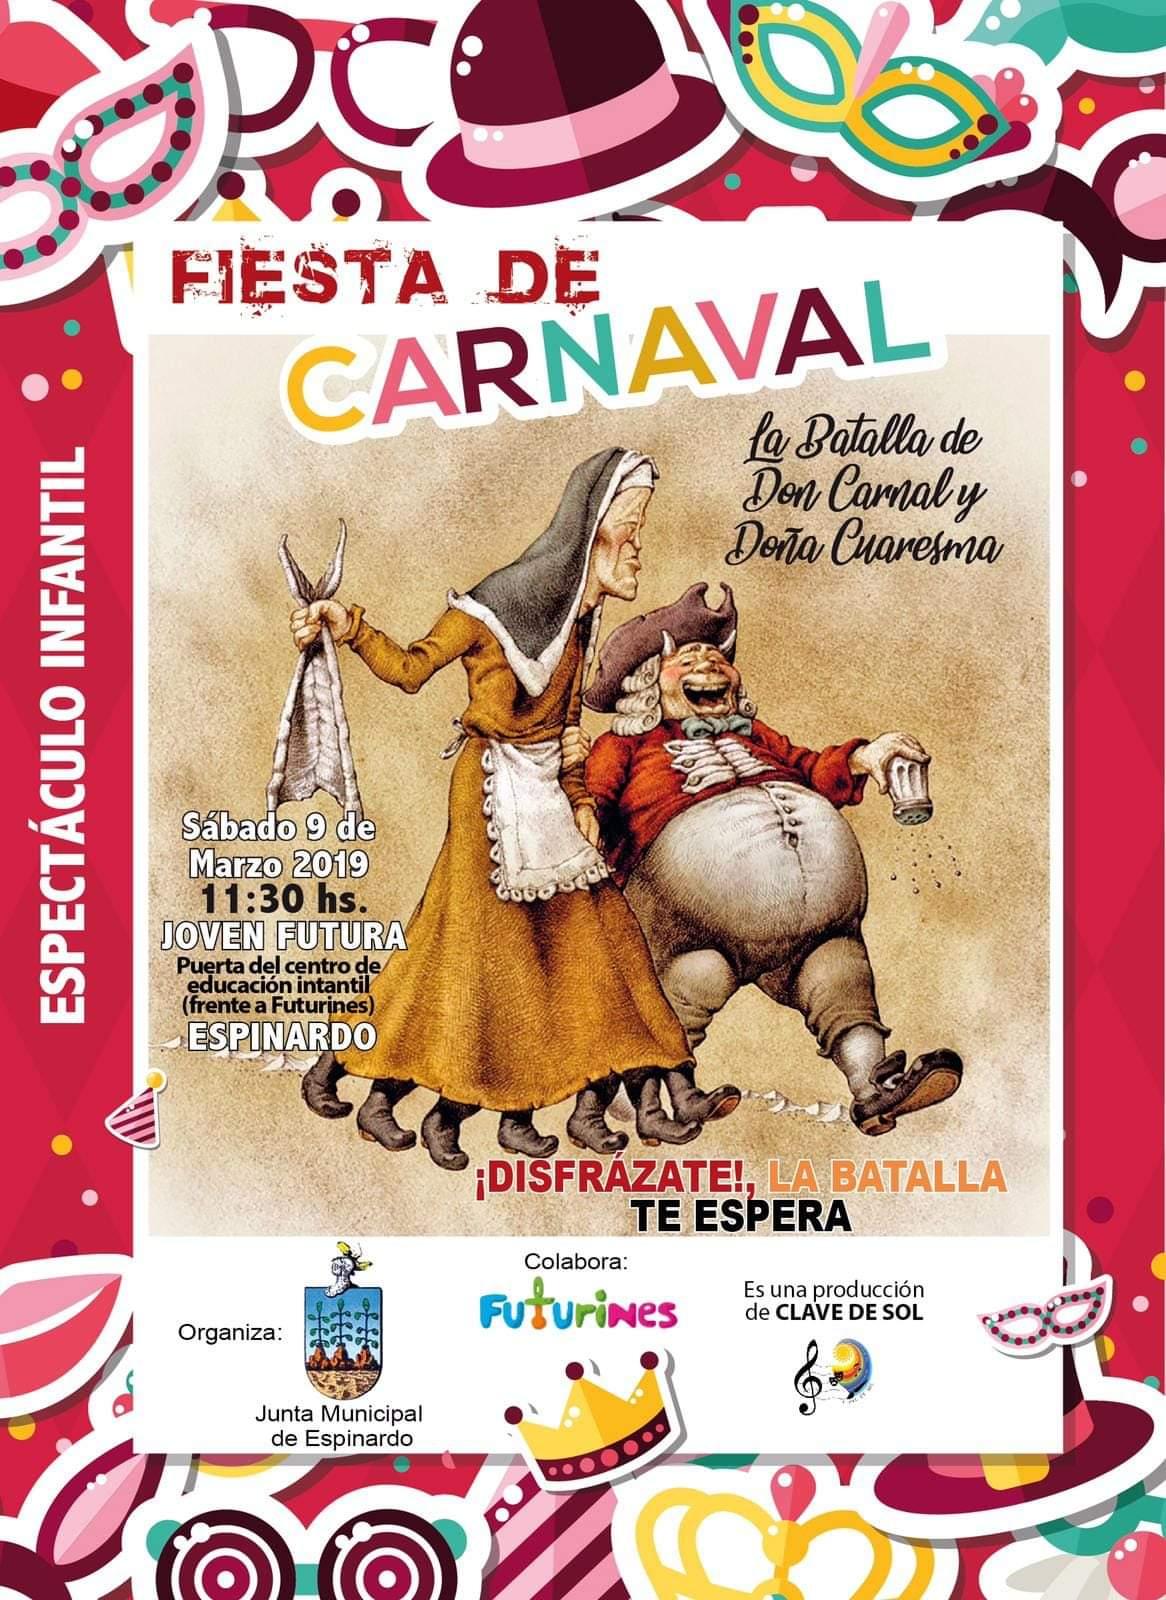 Cartel Fiesta de Carnaval 2019 organizado por la Junta Municipal de Espinardo en Joven Futura